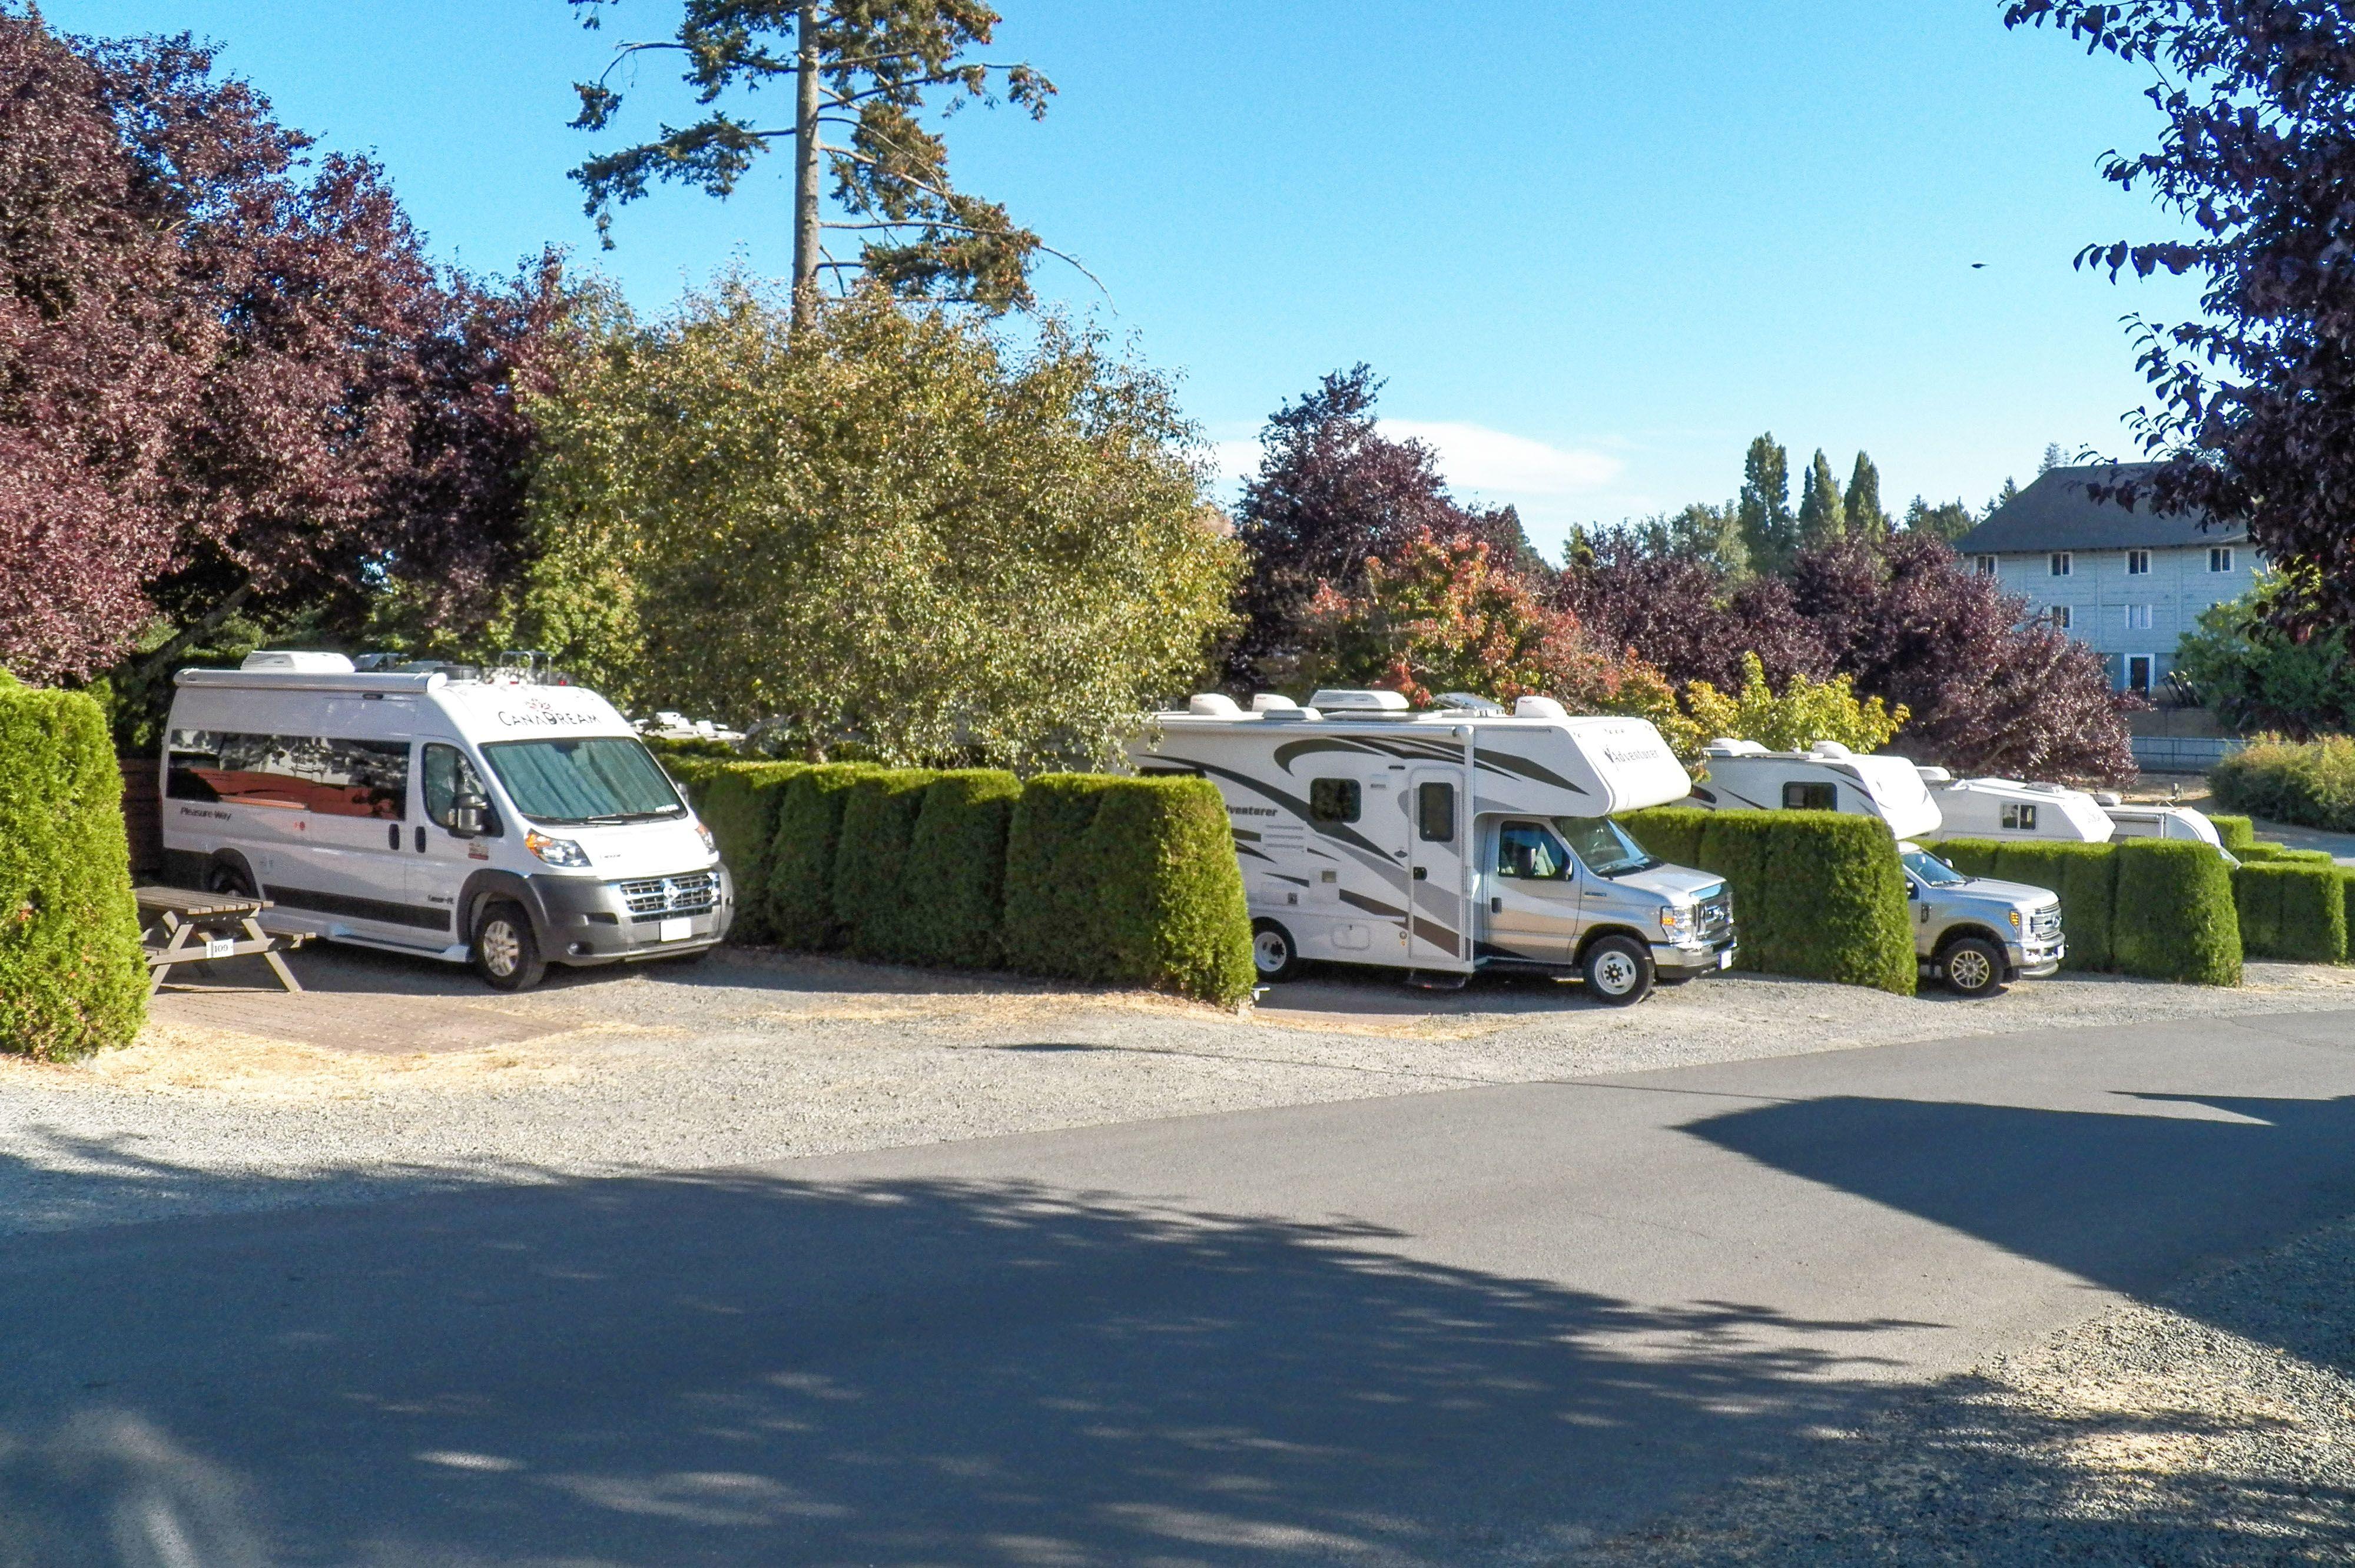 Impressionen des Fort Victoria RV Parks in Victoria